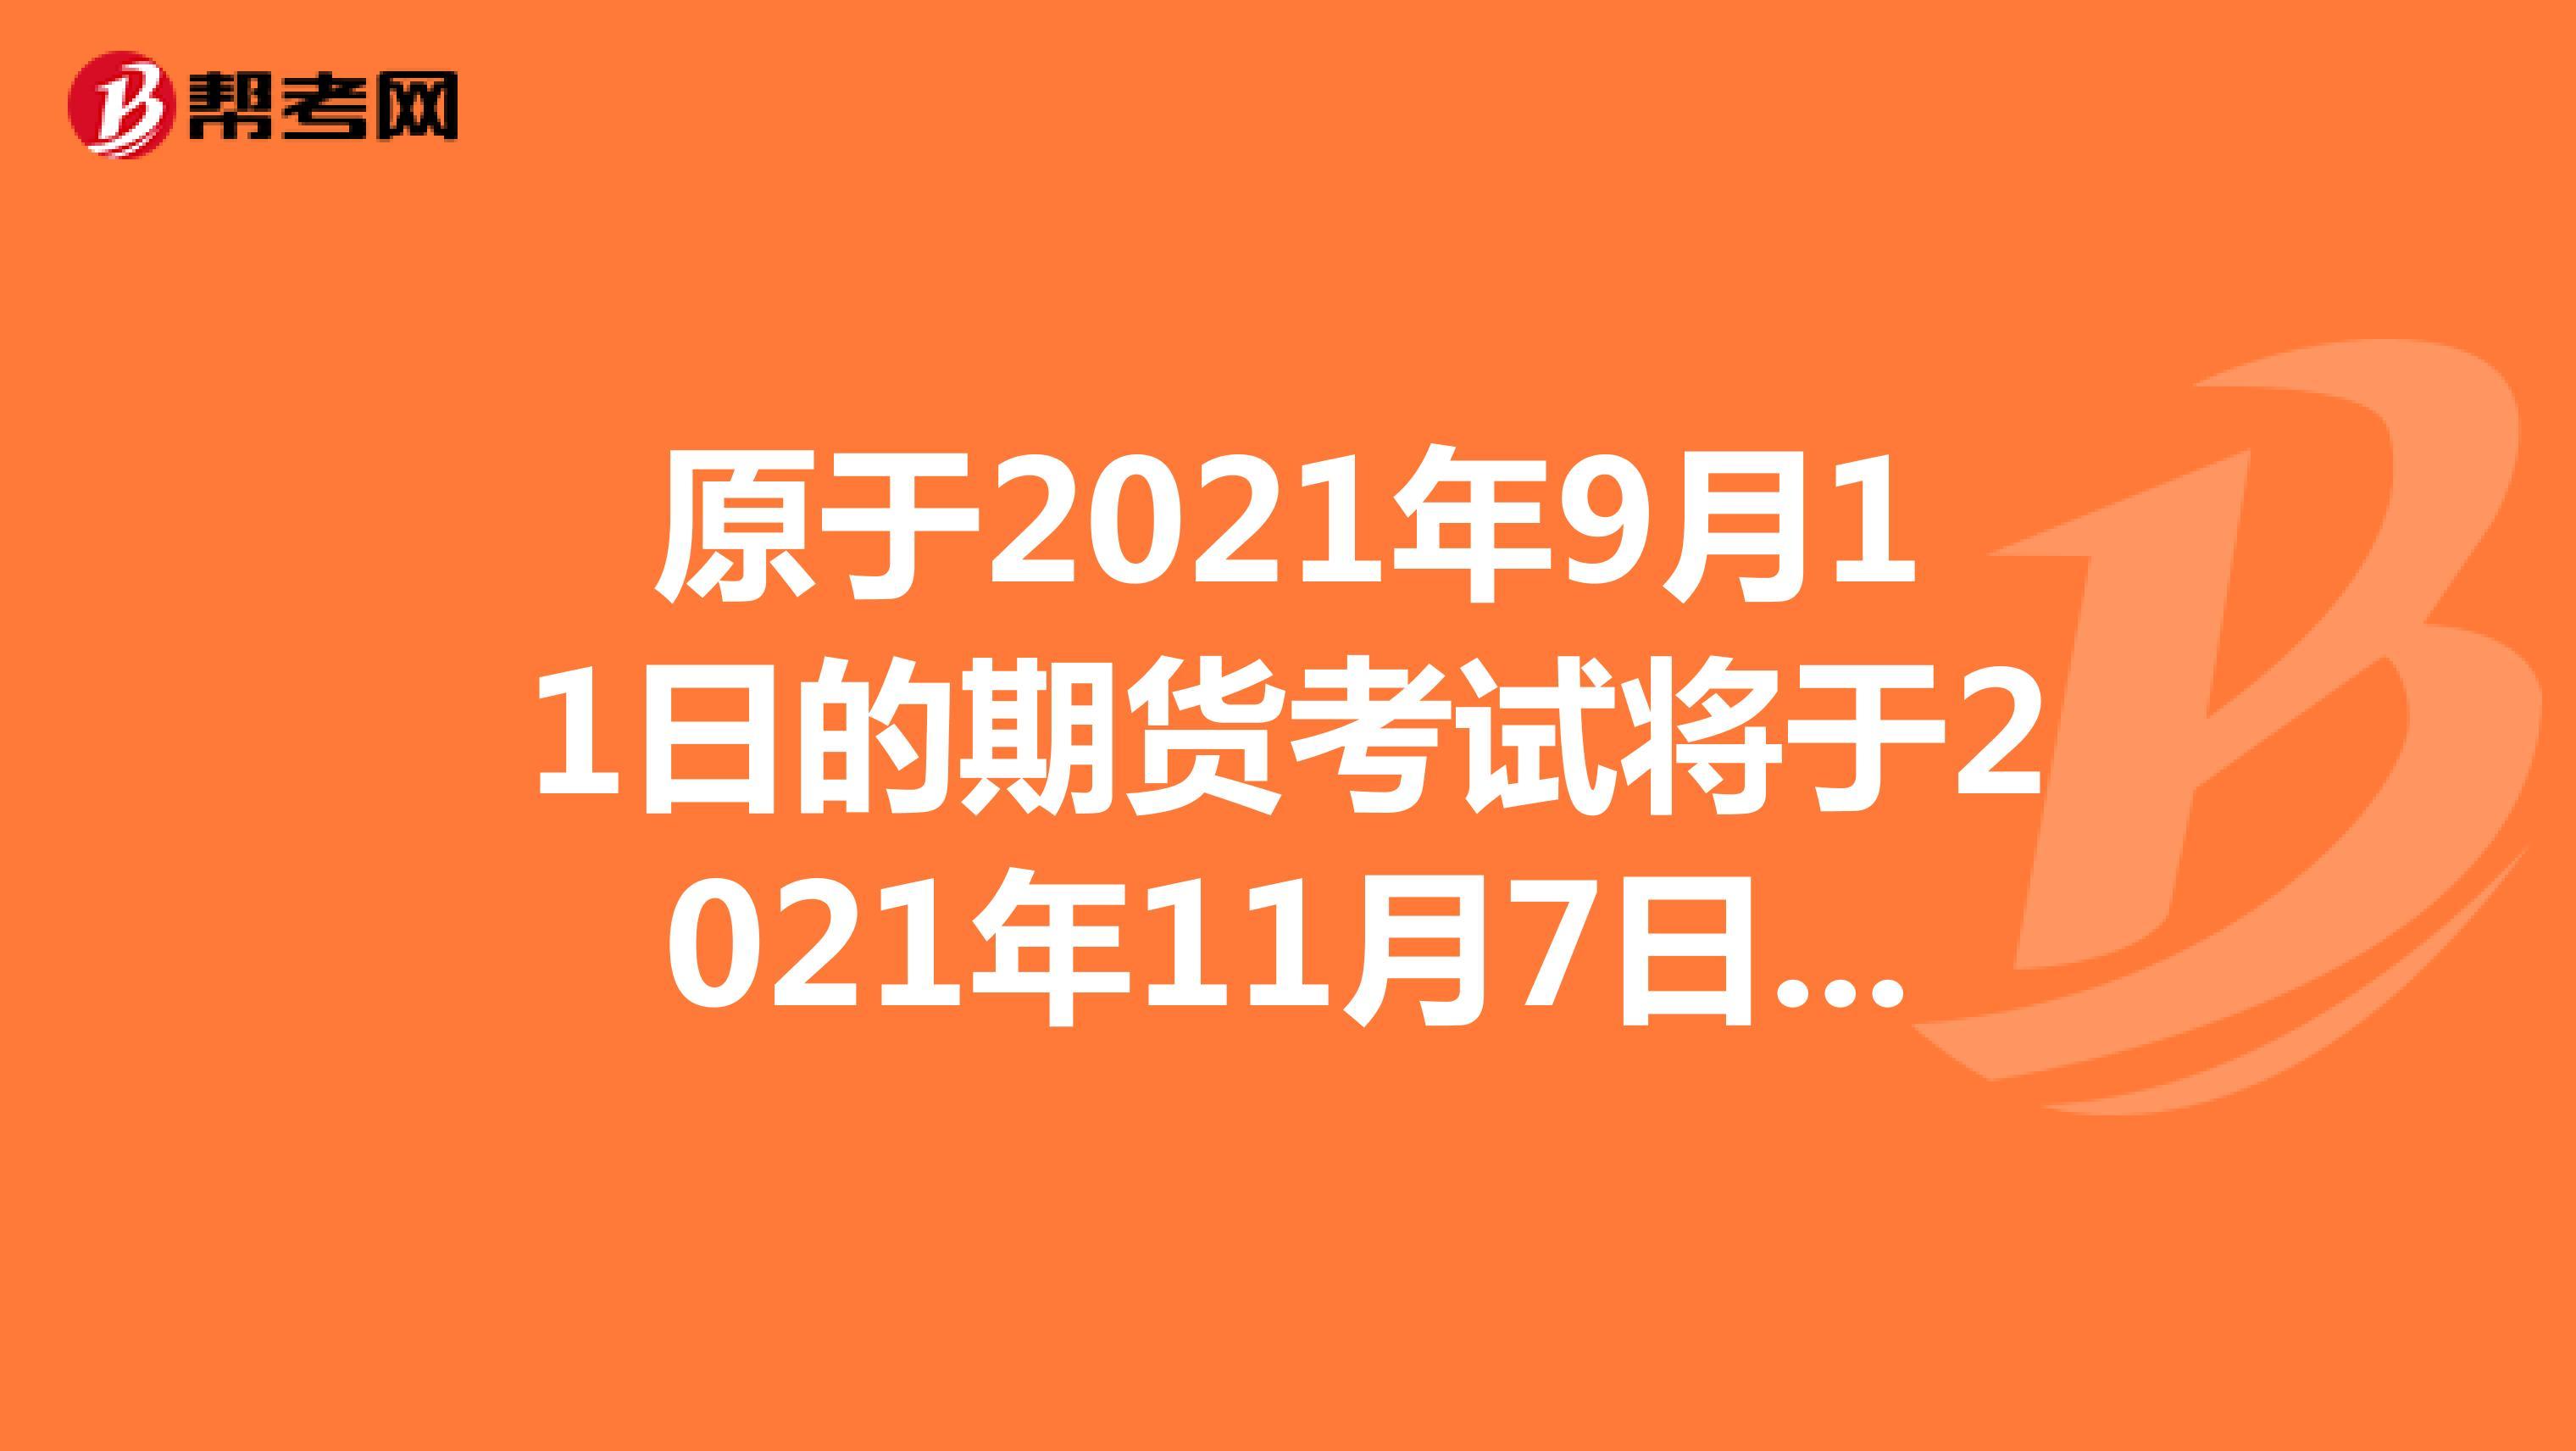 原于2021年9月11日的期货考试将于2021年11月7日举办!